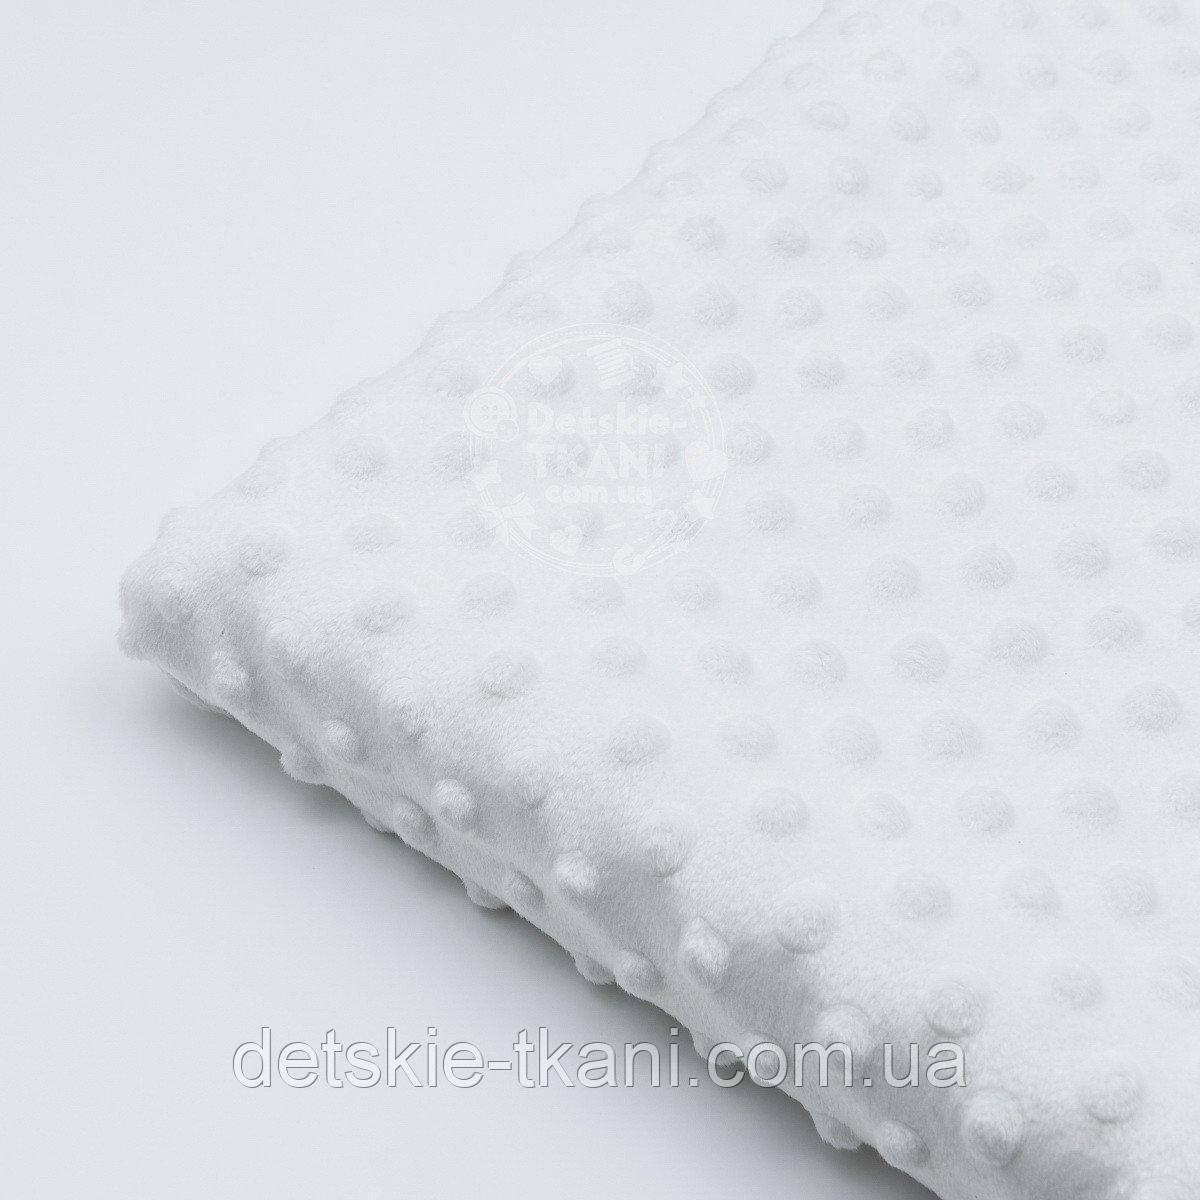 Лоскут плюша minky М-10  цвет белый, размер 75*80 см (есть загрязнение)